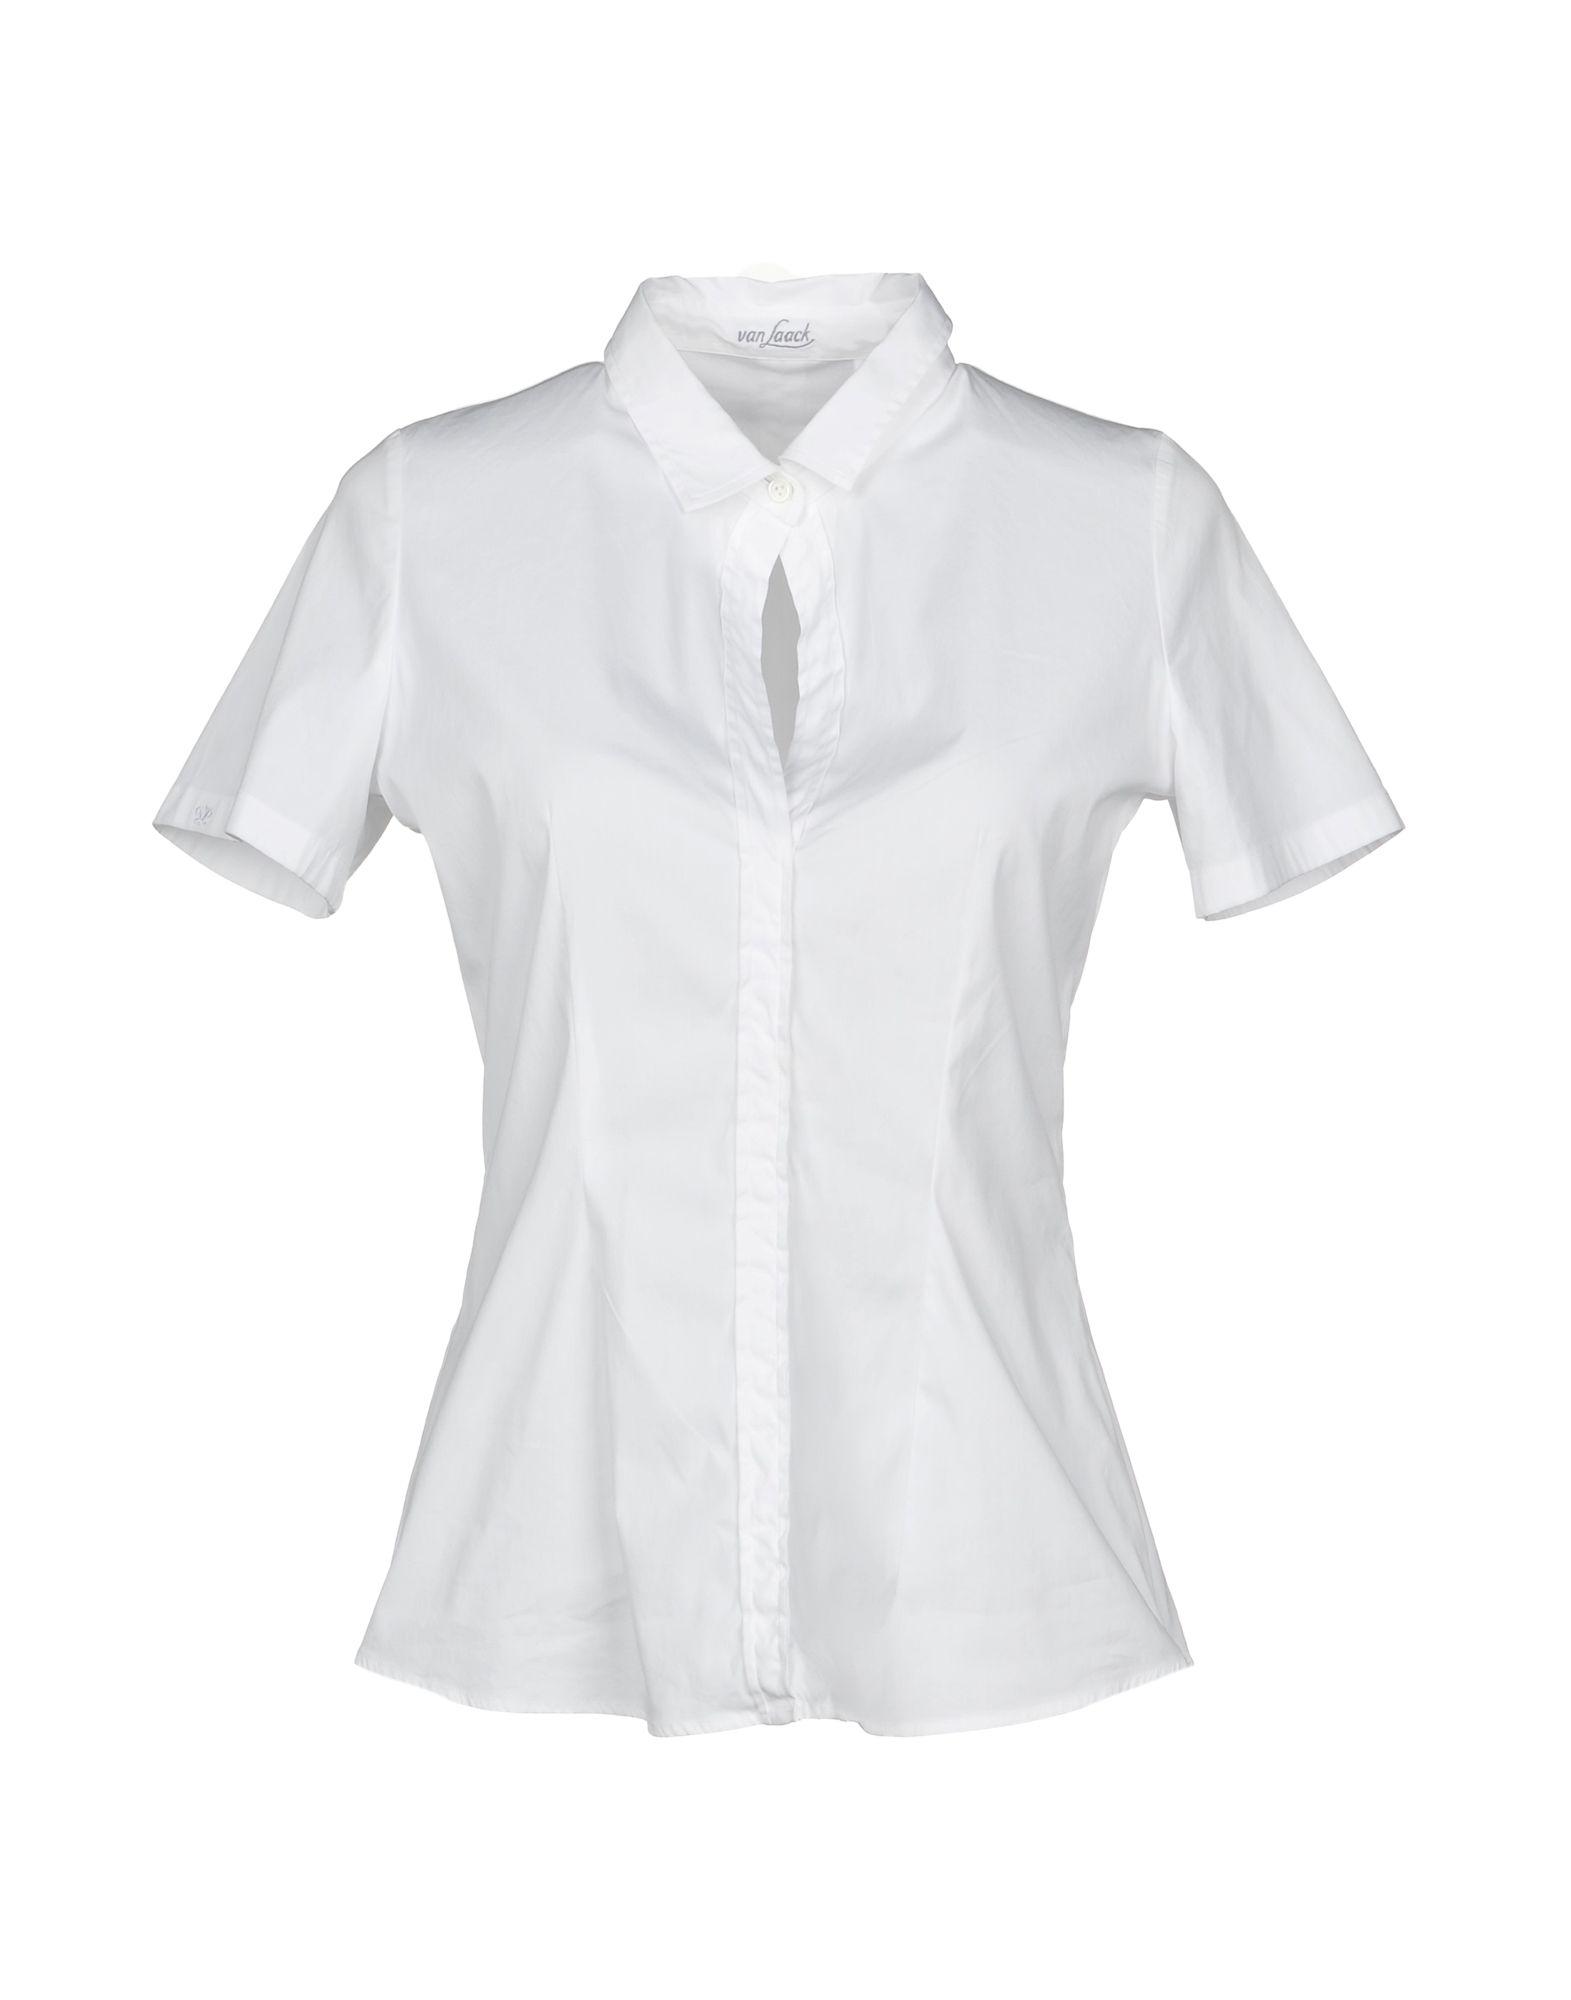 где купить VAN LAACK Блузка по лучшей цене